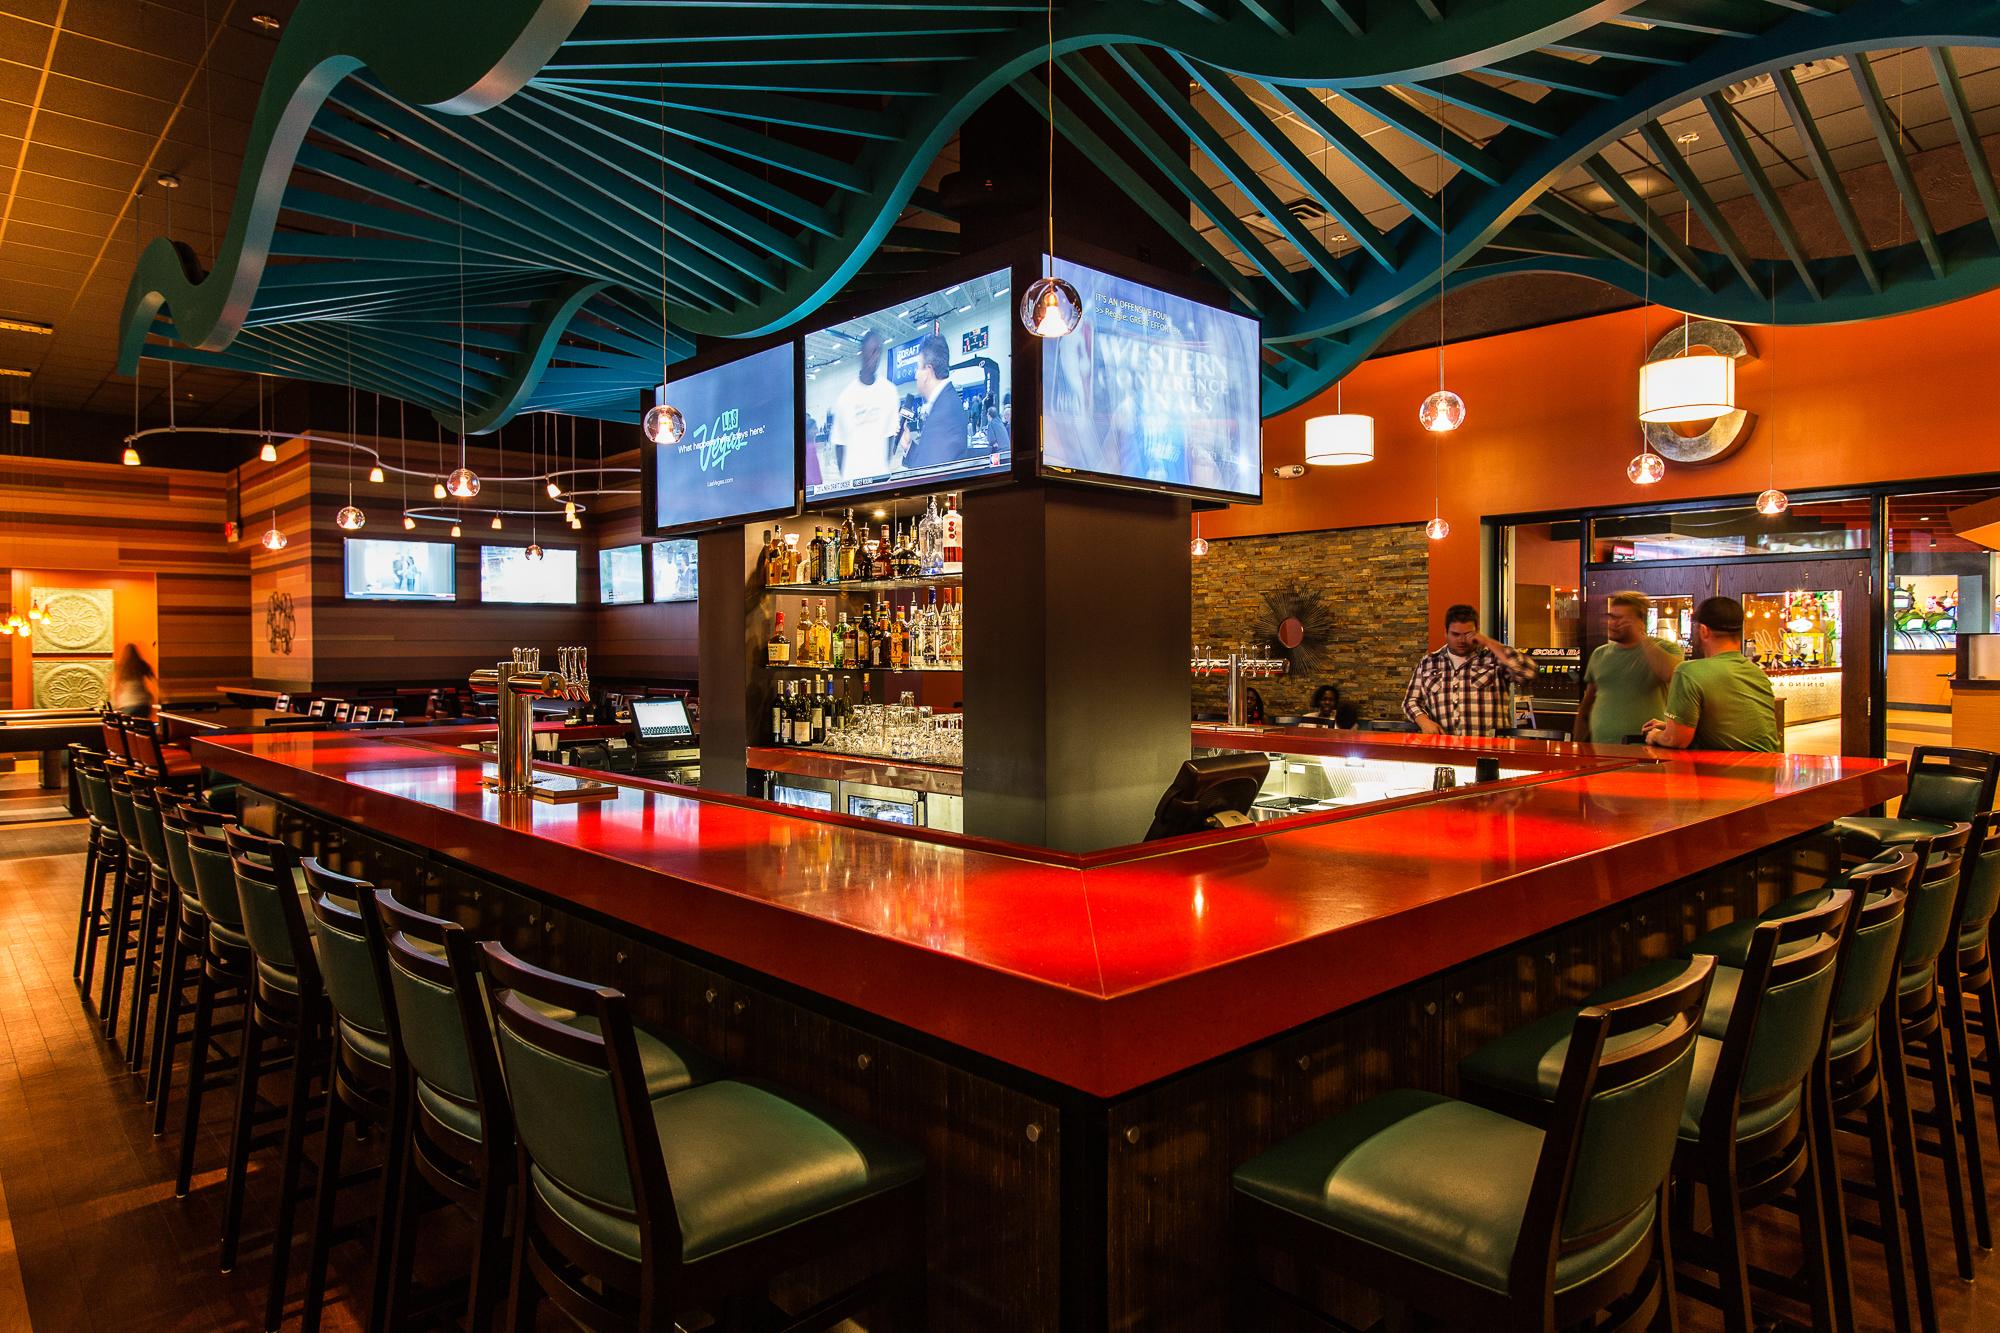 ADW-Entertainment-Frankie's-Fun-Park-Raleigh-NC-9.jpg